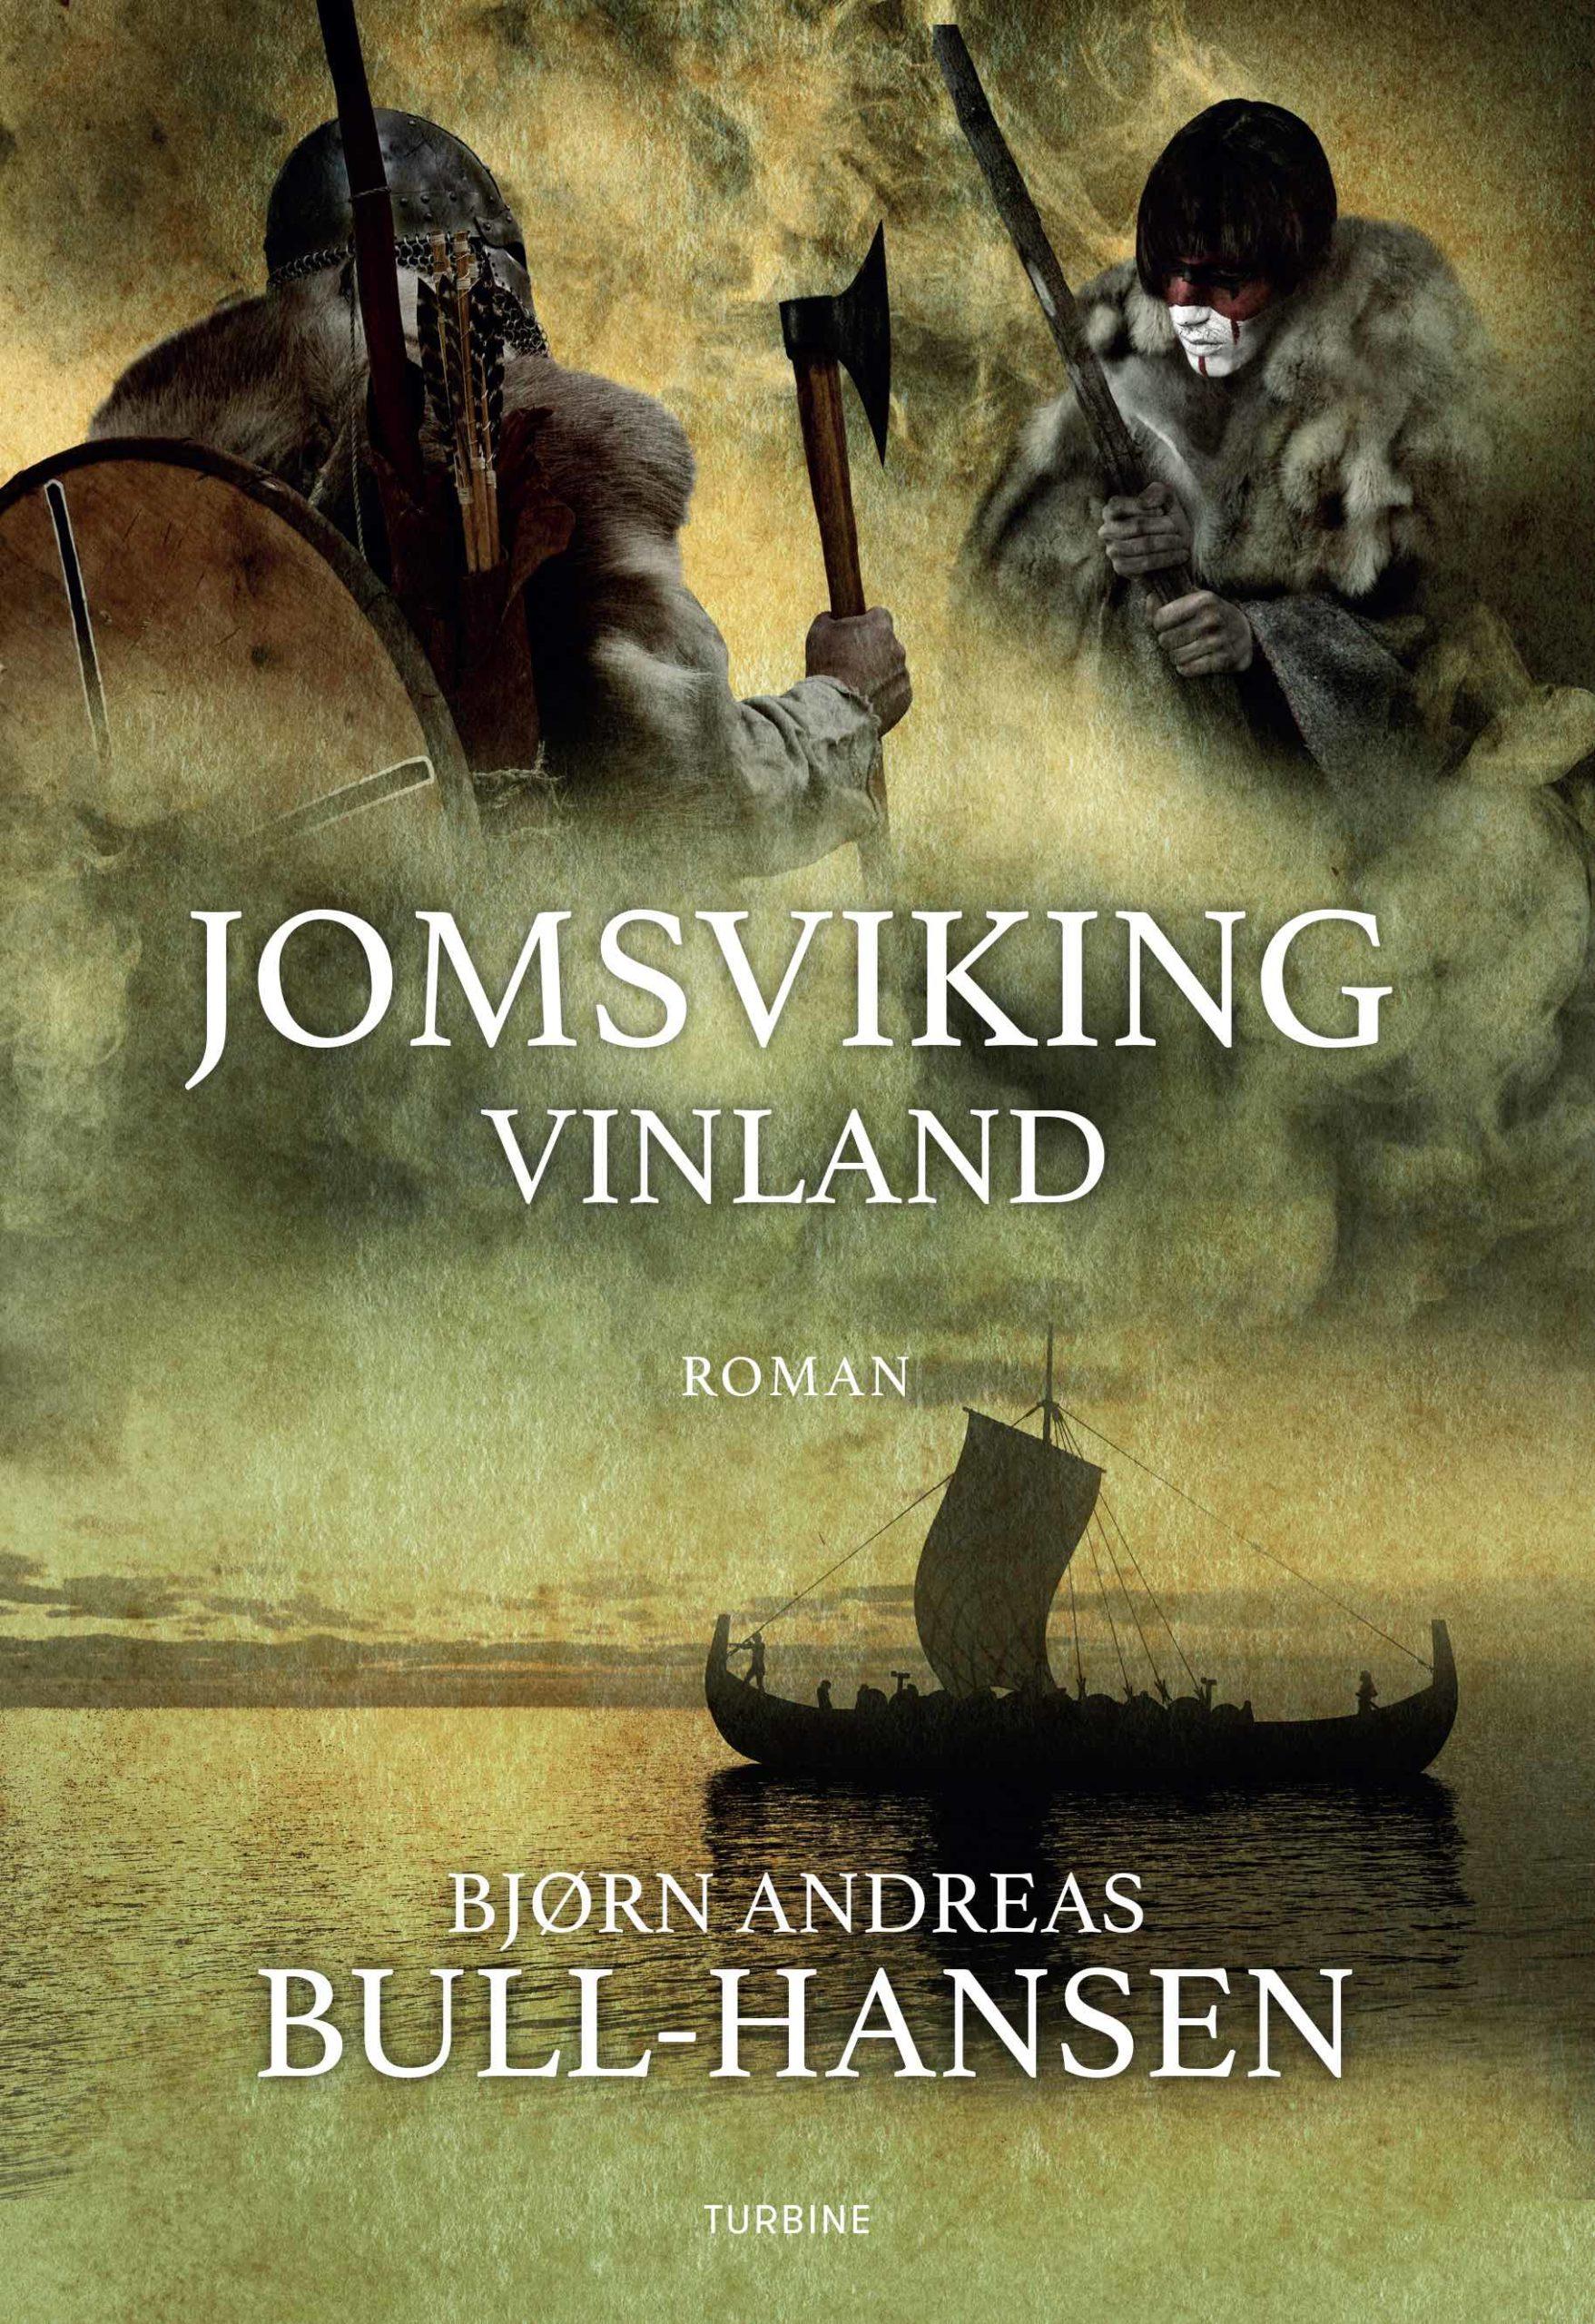 Jomsviking Vinland